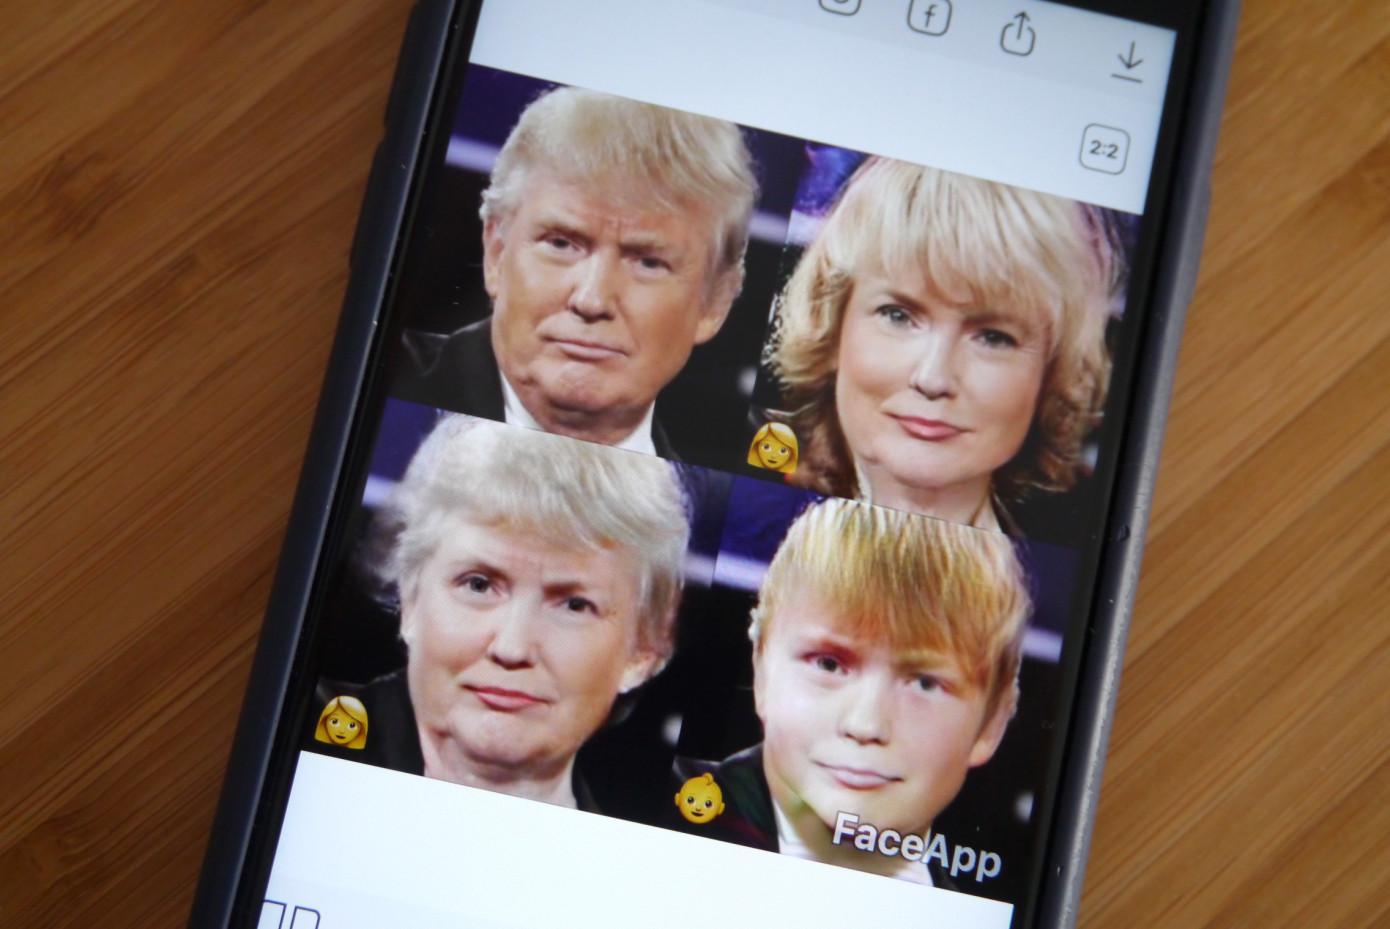 El editor de fotos, FaceApp, se vuelve viral en iOS y plantea preguntas sobre el acceso a la biblioteca de fotos